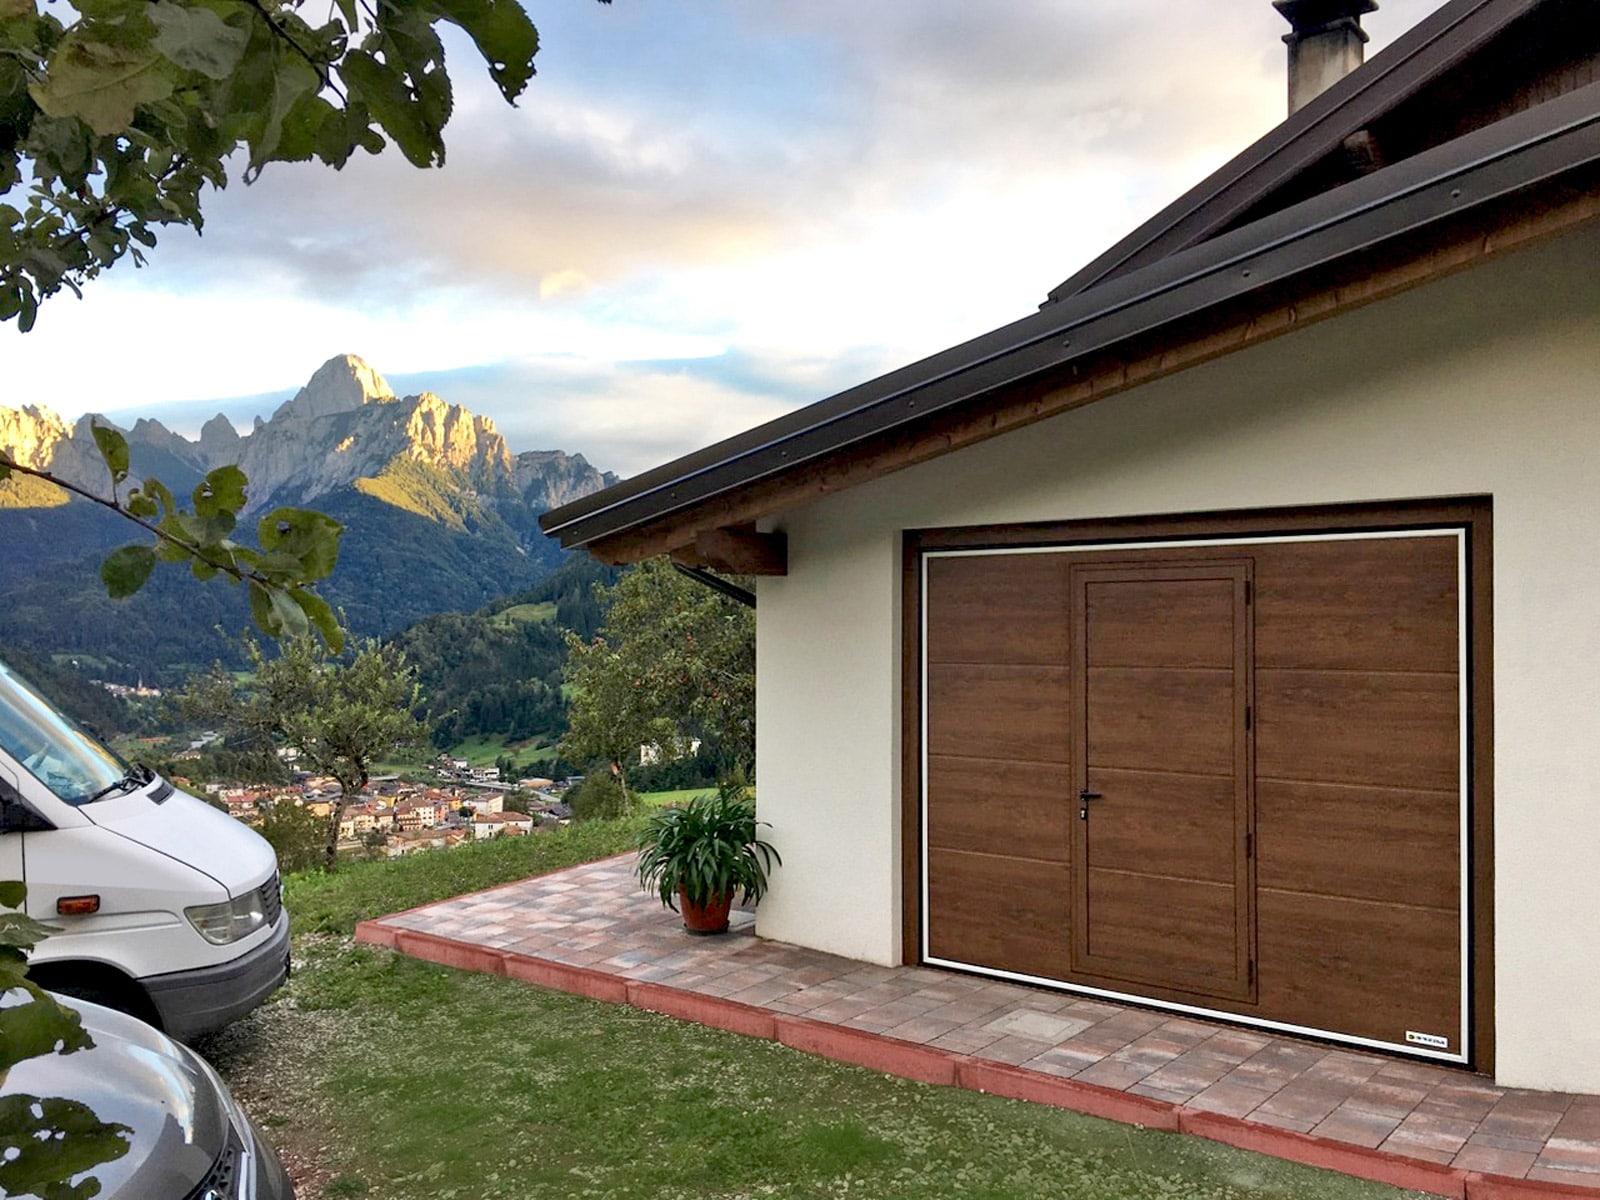 Portoni basculanti da garage scopri le basculanti - Portoni garage con finestre ...